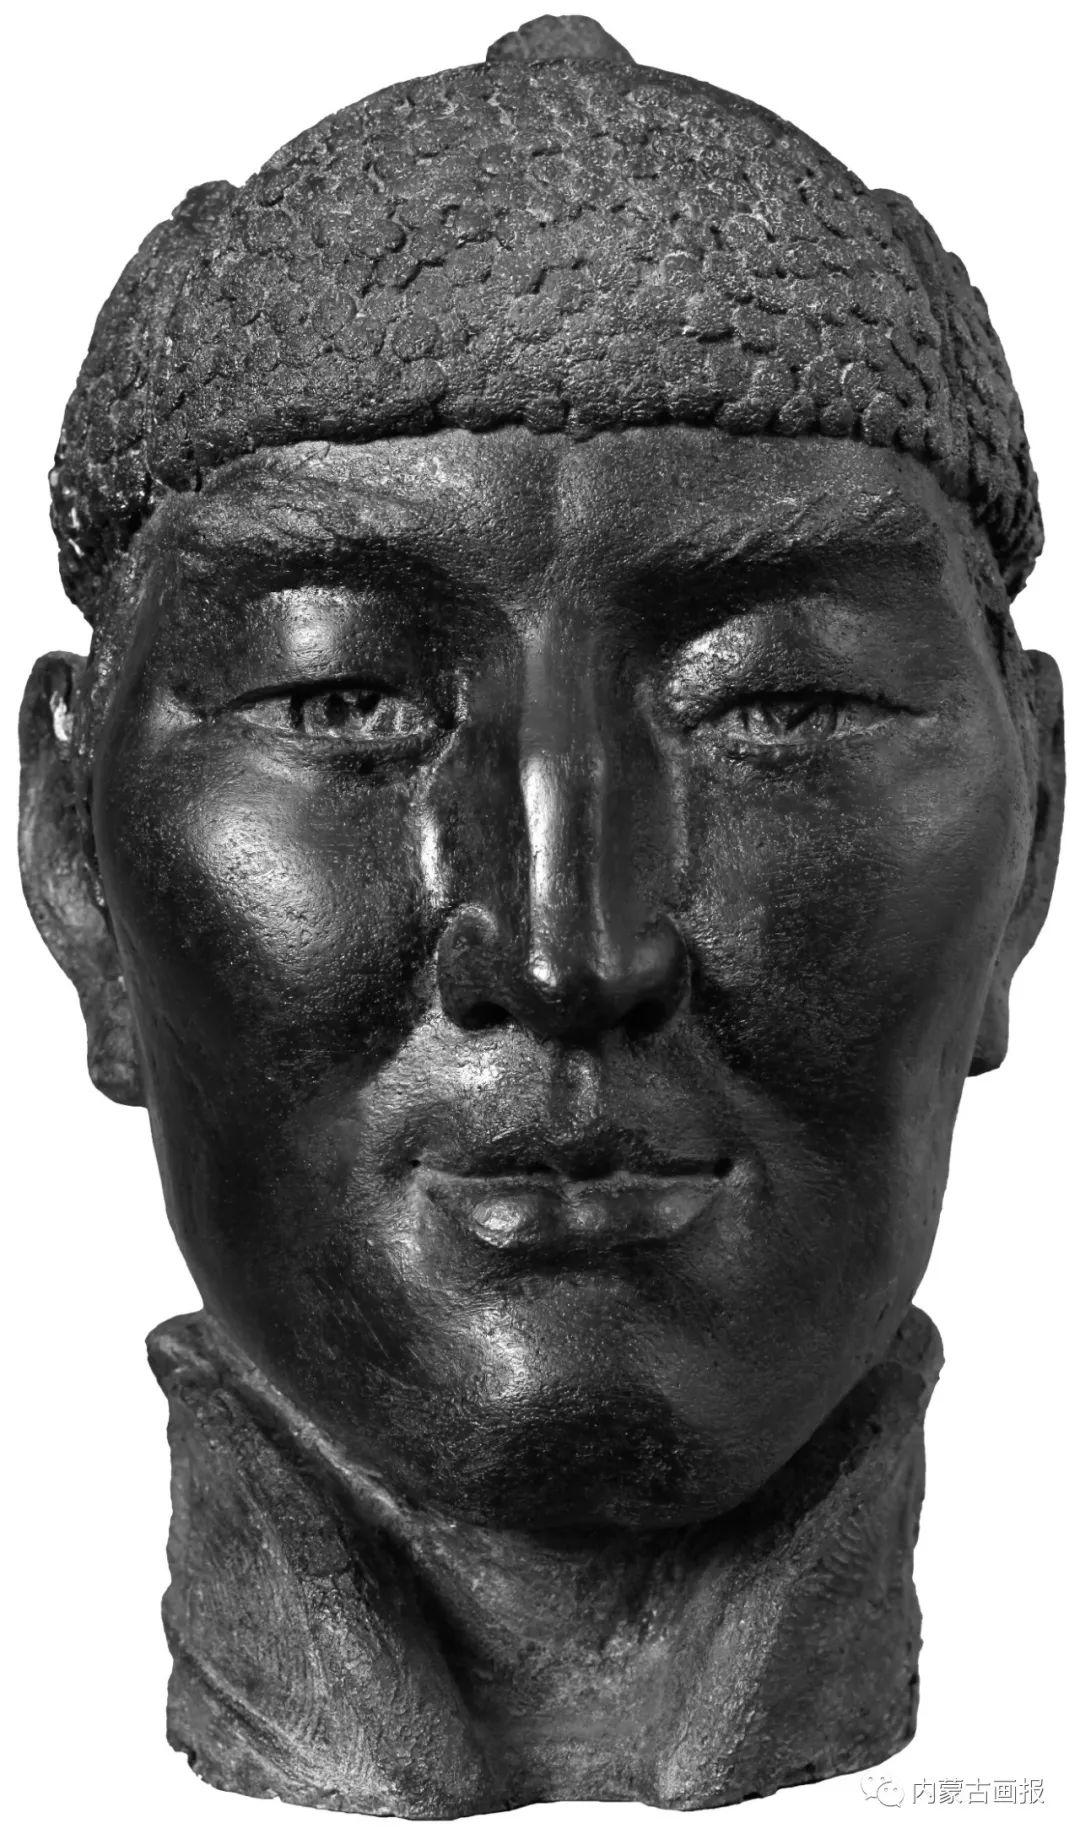 蒙古族雕塑艺术家铁木老师作品欣赏 ... 第11张 蒙古族雕塑艺术家铁木老师作品欣赏 ... 蒙古画廊